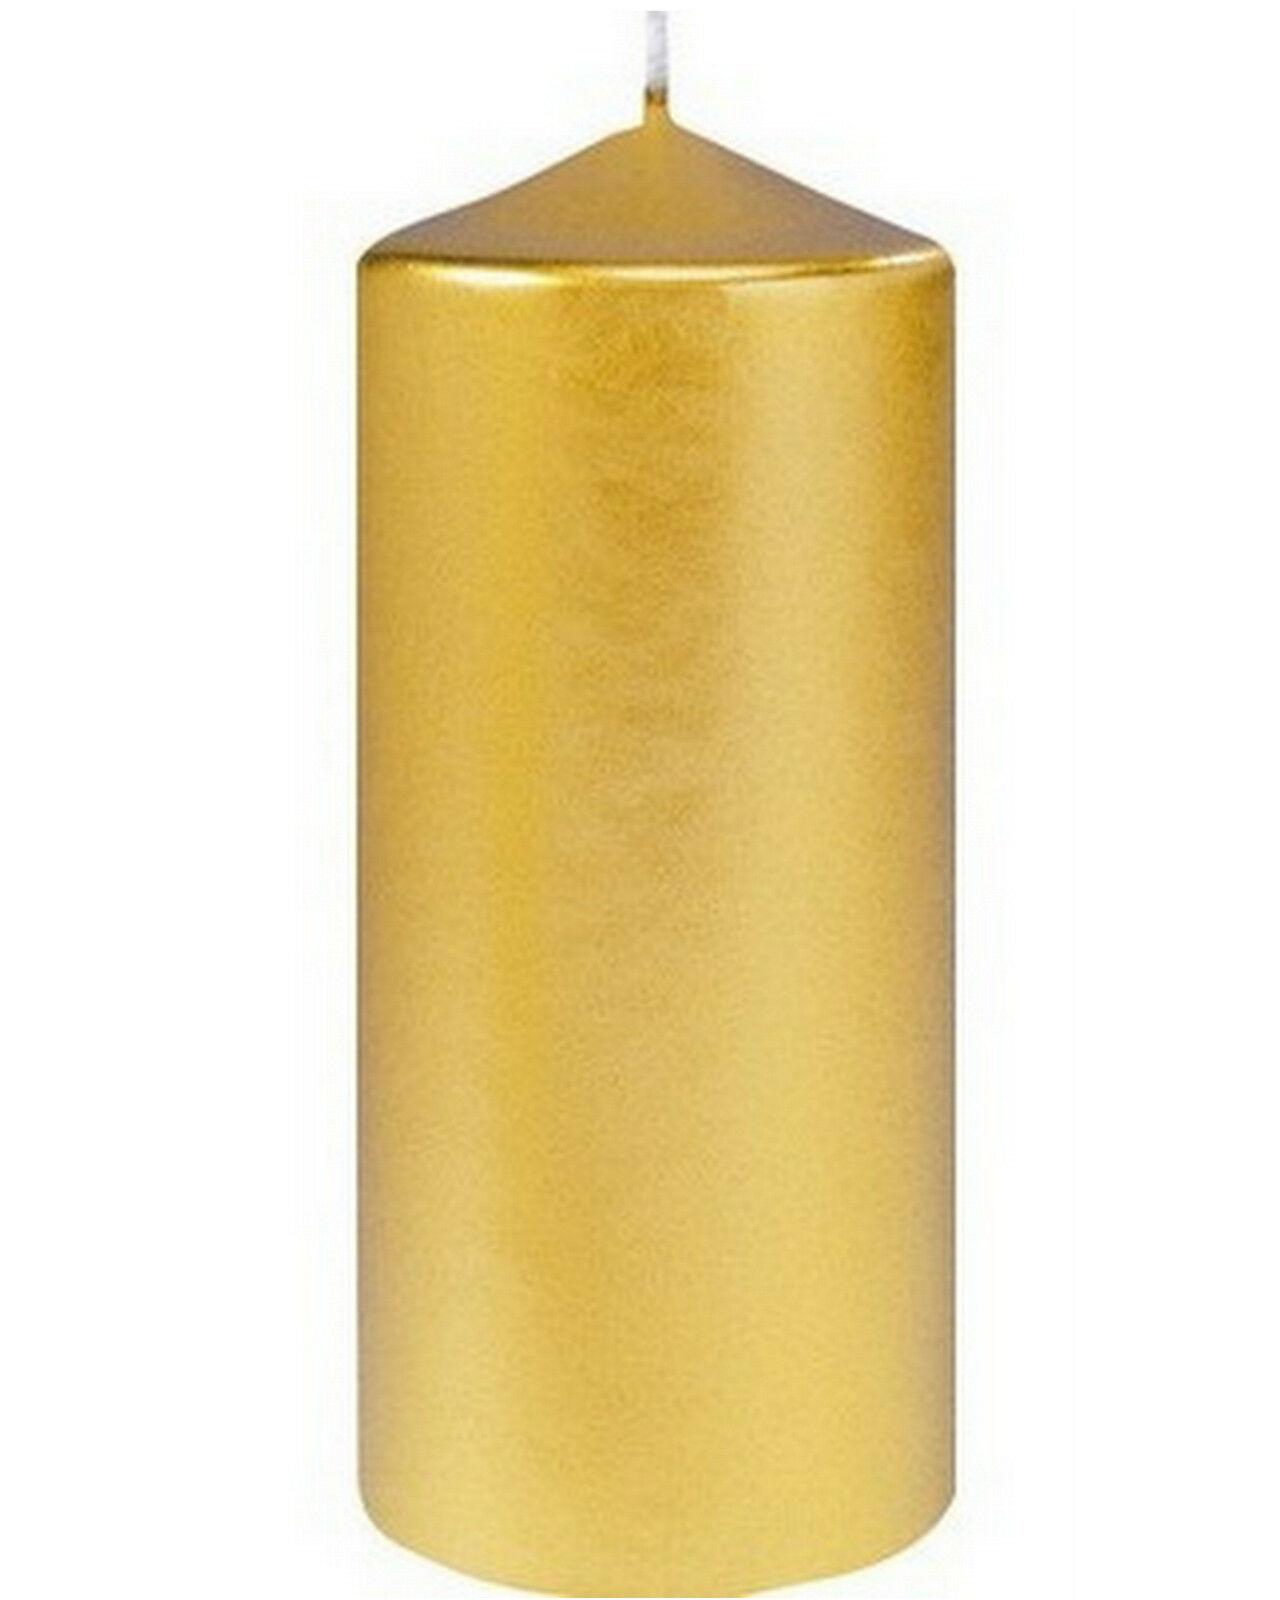 6-12 Stück Stumpen Kerzen 150 x 70 mm groß Stumpenkerzen Gold glänzend - 6 Stück, Gold